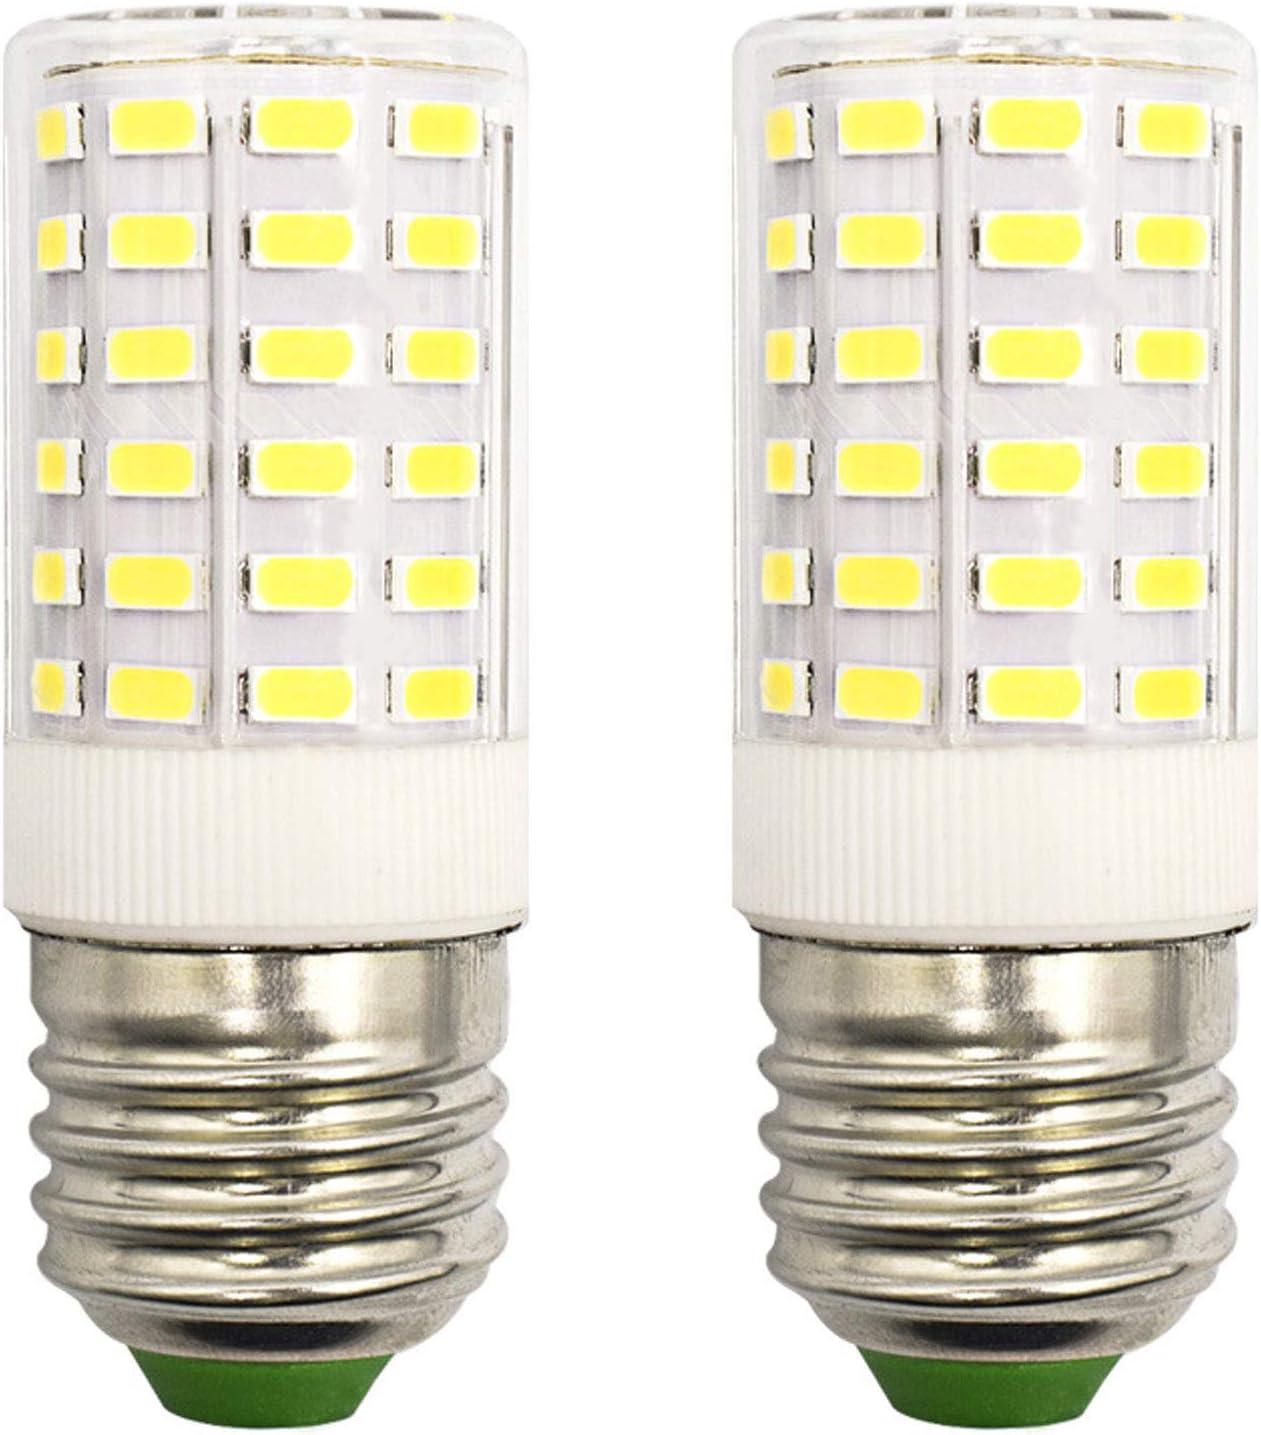 Refrigerator Light Bulb 7W LED E26 Equivalent 100W A15 Fridge Freezer Appliance Home Lighting E26 Edison Halogen, Cool White 6500K 100V-265V Super Bright Corn Lamp, Pack of 2